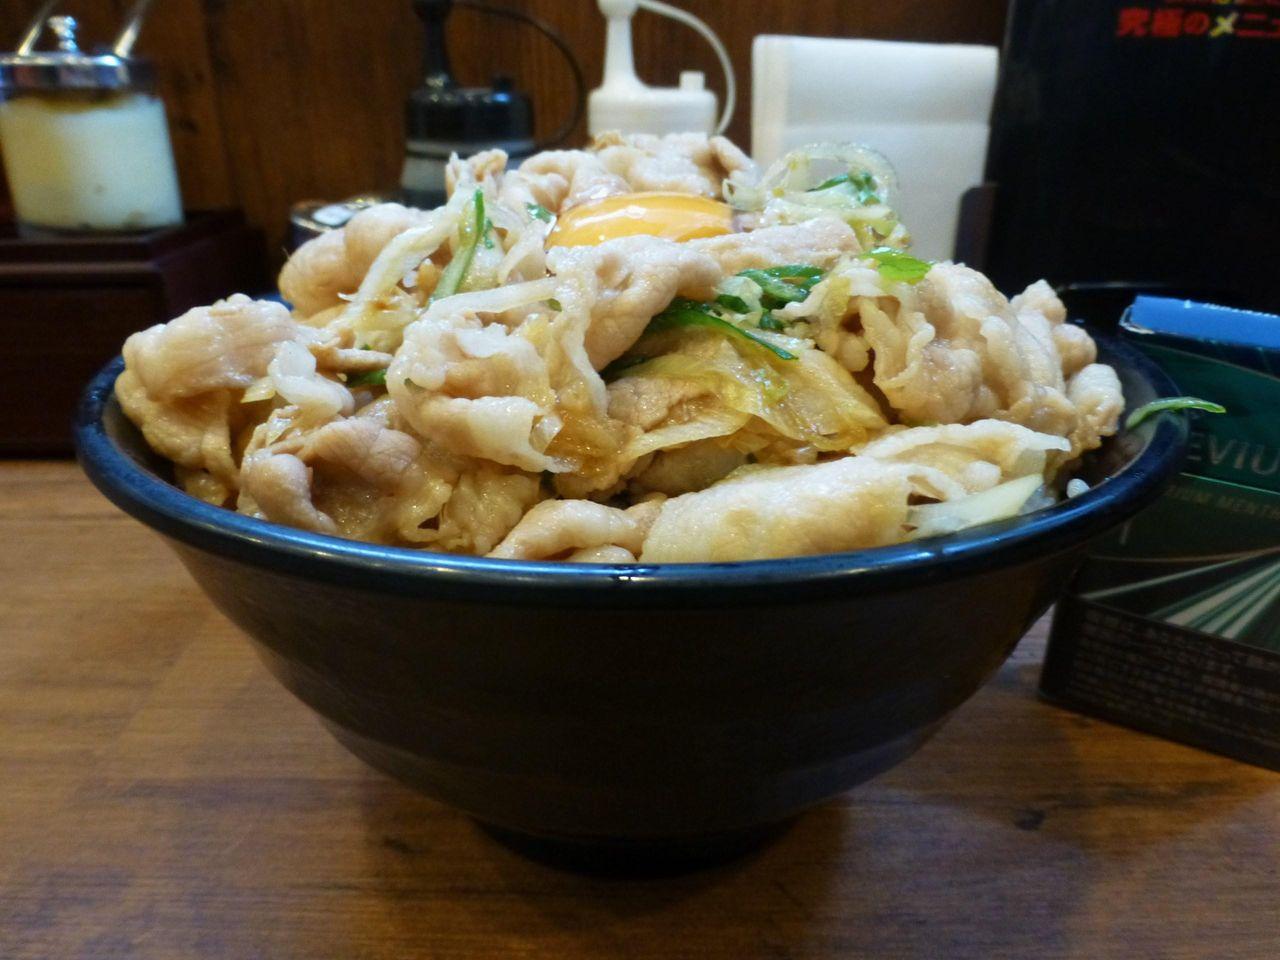 秋葉原の「伝説のすた丼屋」で、デカ盛り生姜丼!